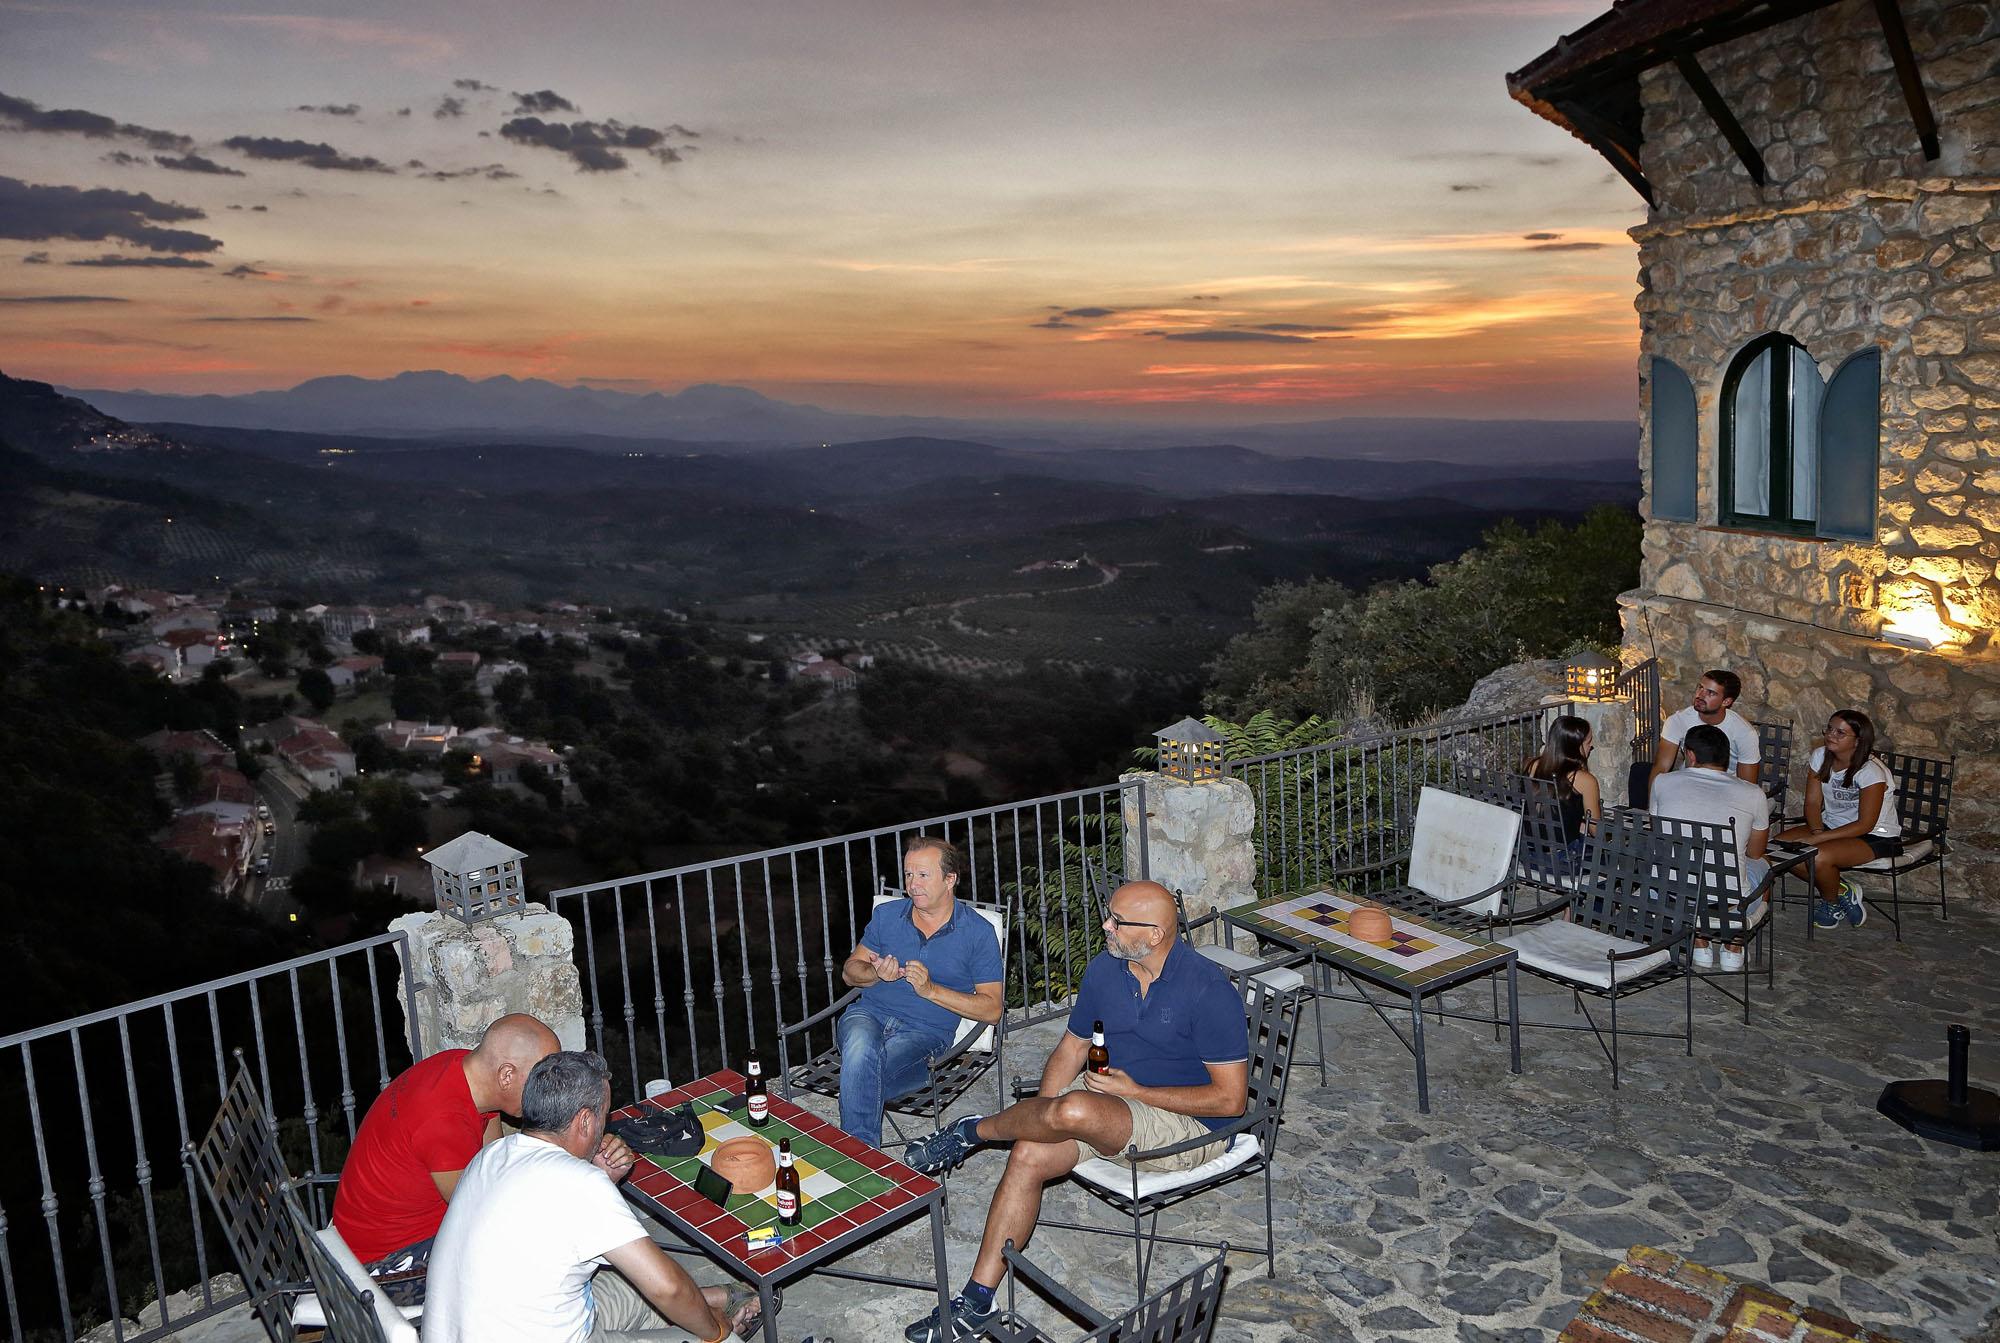 En la terraza del hotel te puedes tomar una cerveza con unas vistas privilegiadas.